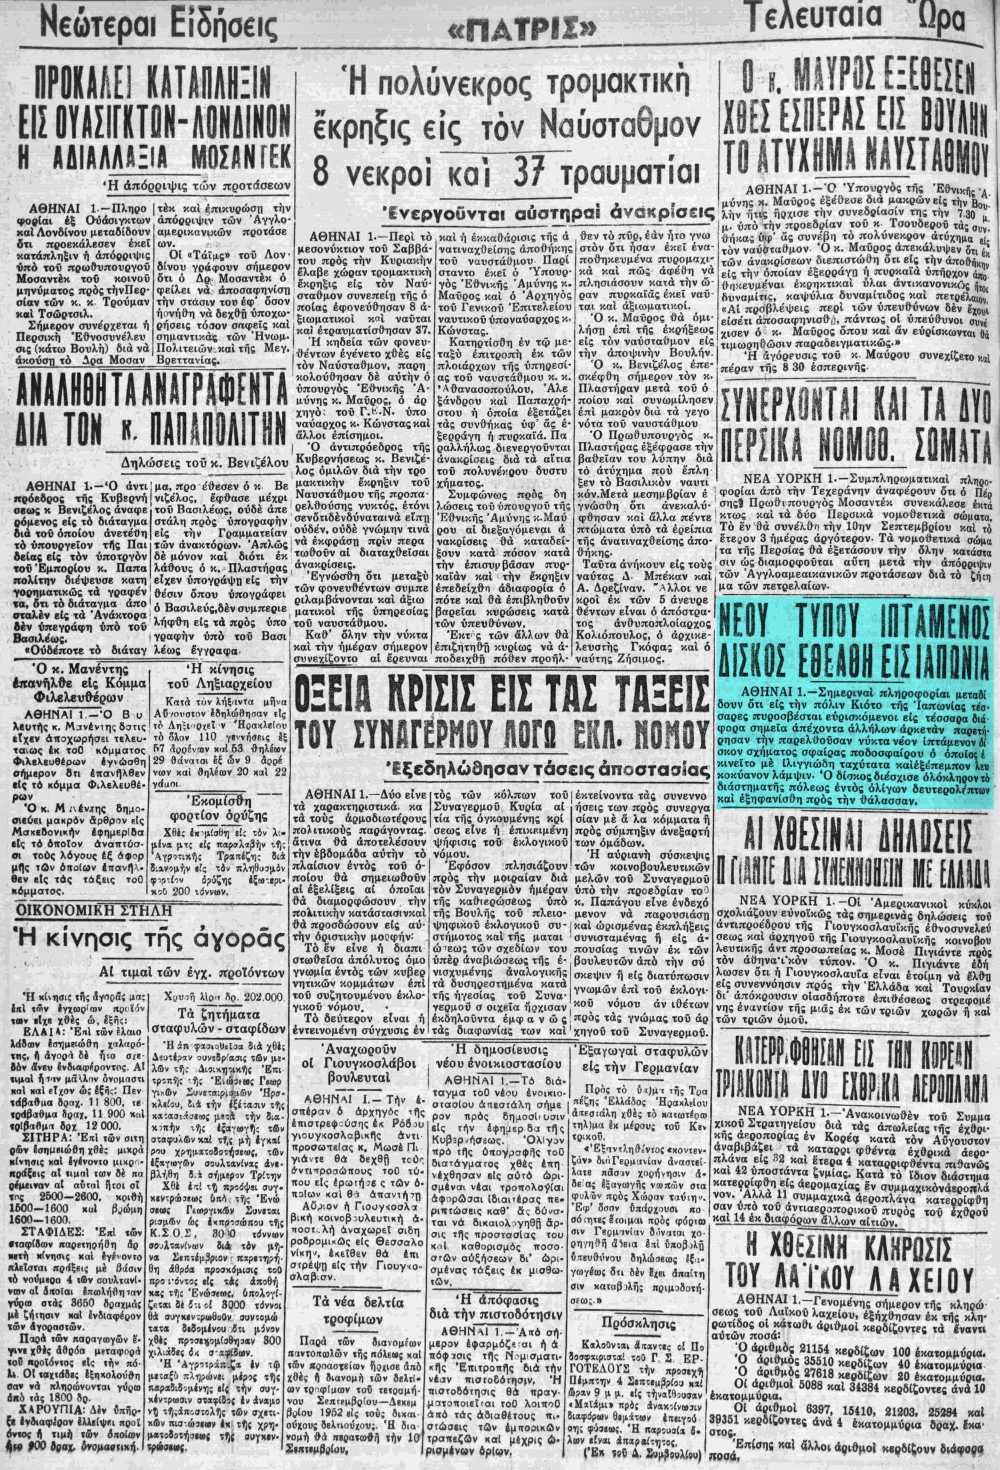 """Το άρθρο, όπως δημοσιεύθηκε στην εφημερίδα """"ΠΑΤΡΙΣ"""", στις 02/09/1952"""